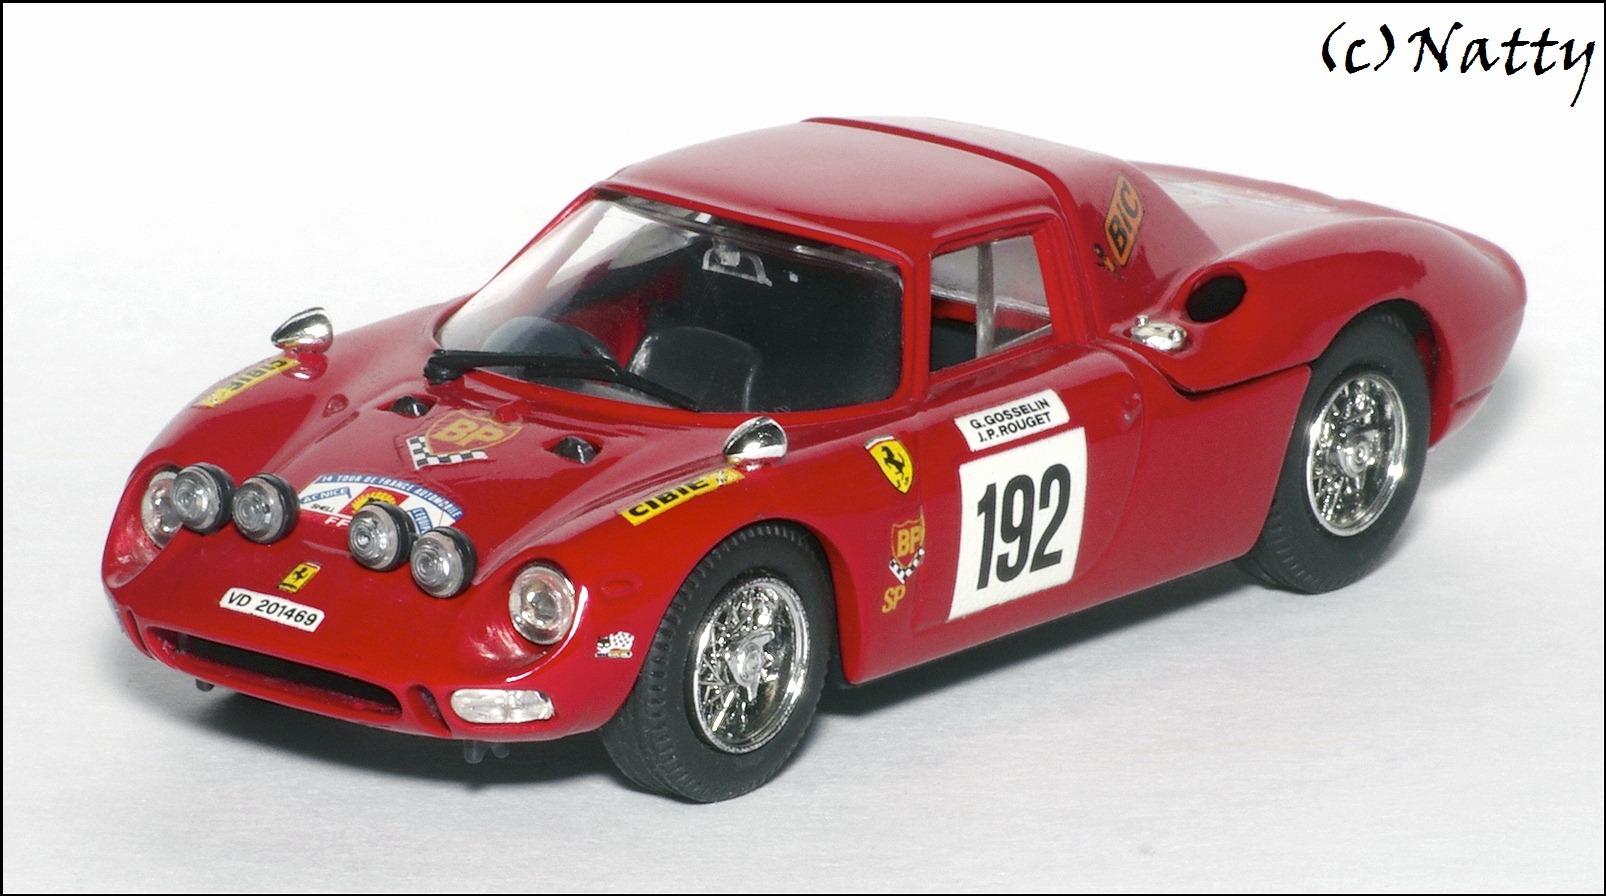 Best Model 1969 Ferrari 250 LM Tour De France Red